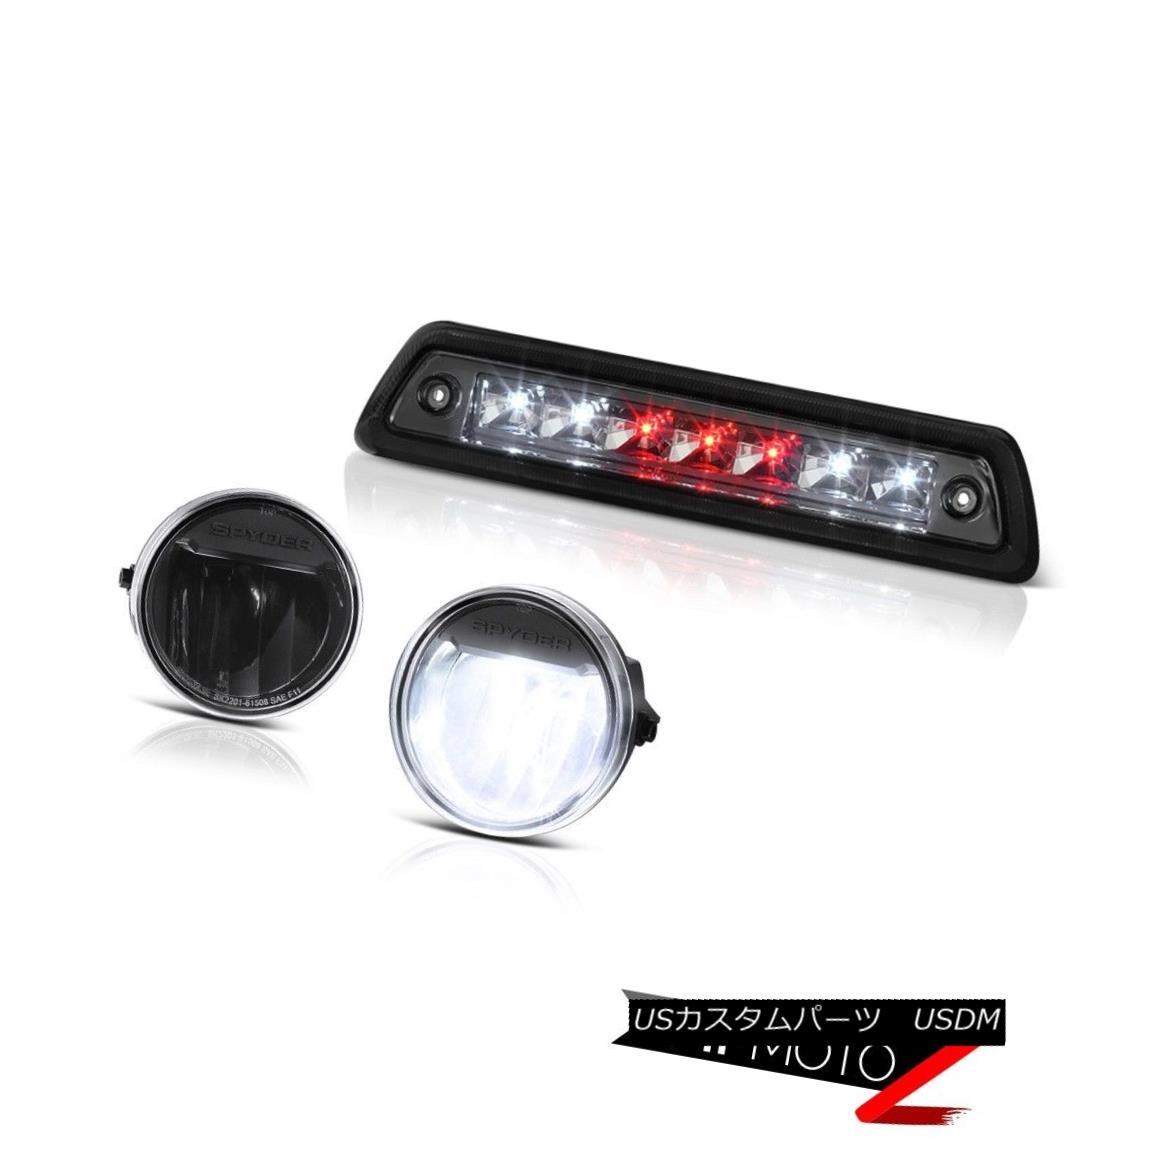 テールライト 2009-2014 F150 HARLEY DAVIDSON Smokey roof brake lamp matte black foglights LED 2009年?2014年F150ハリ・ダビドー・スモーキー・ルーフ・ブレーキ・ランプマット・ブラック・フォグライトLED